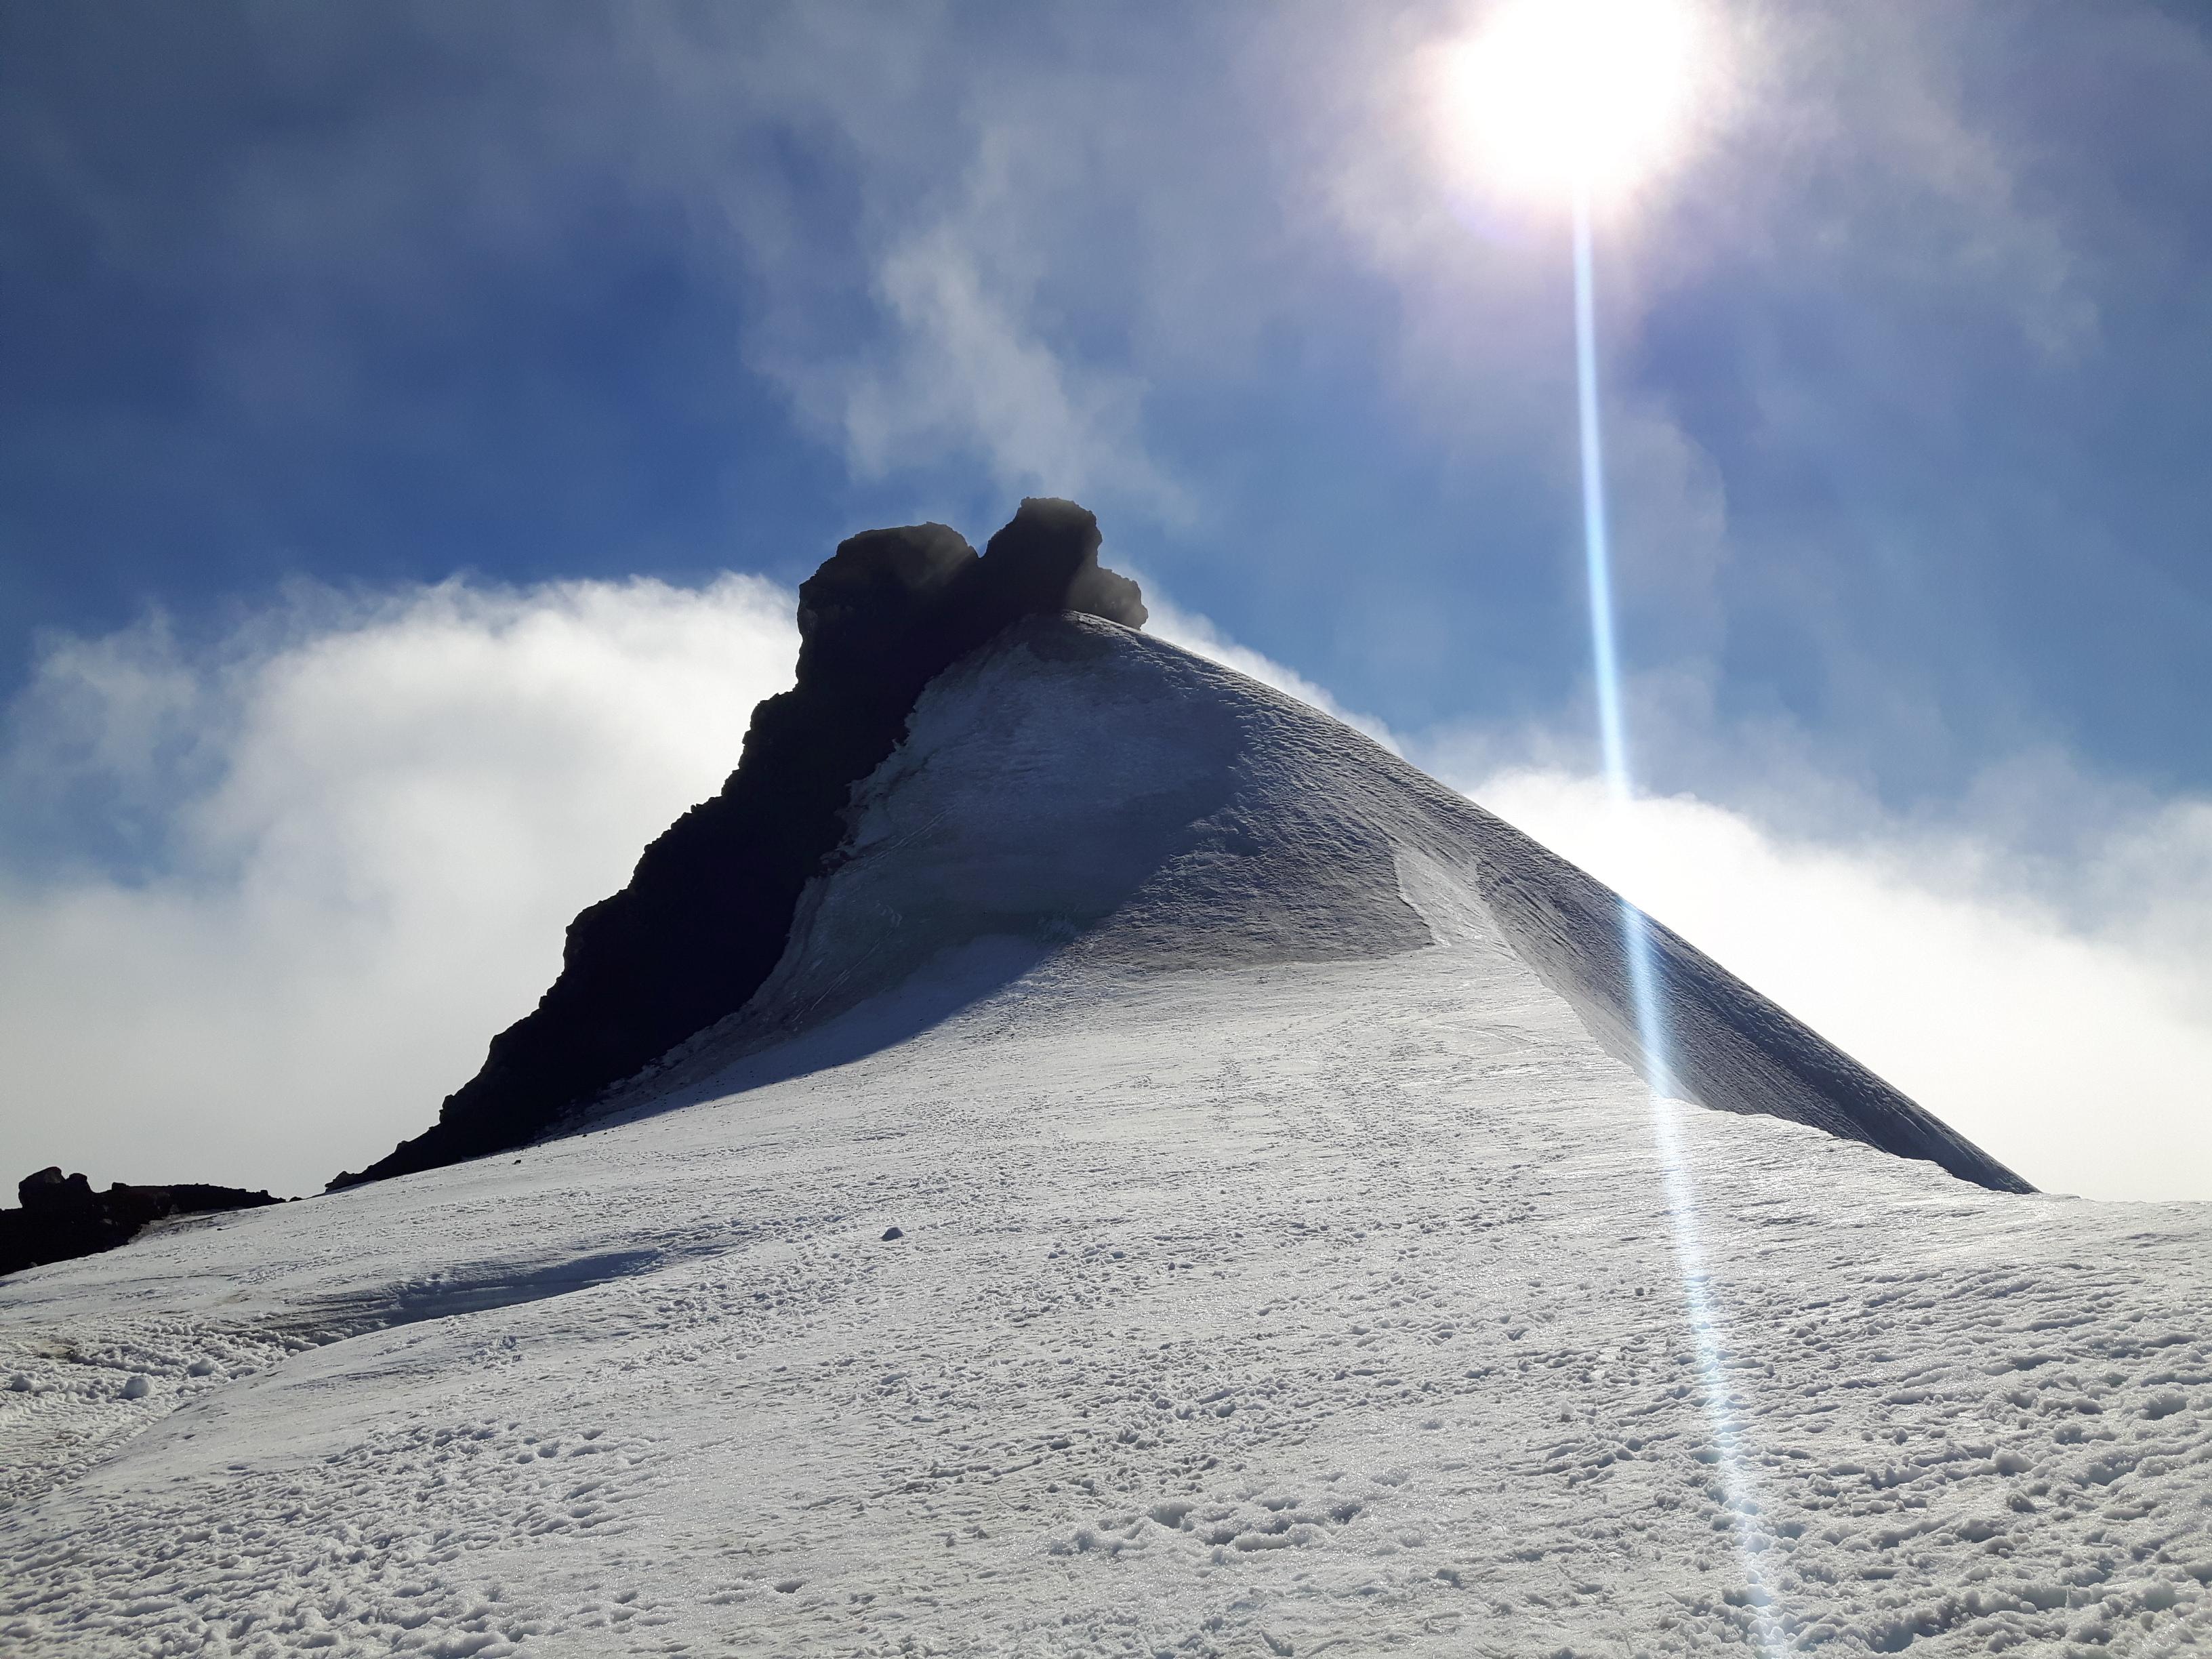 The peak of Snæfellsjökull glacier in the clouds.